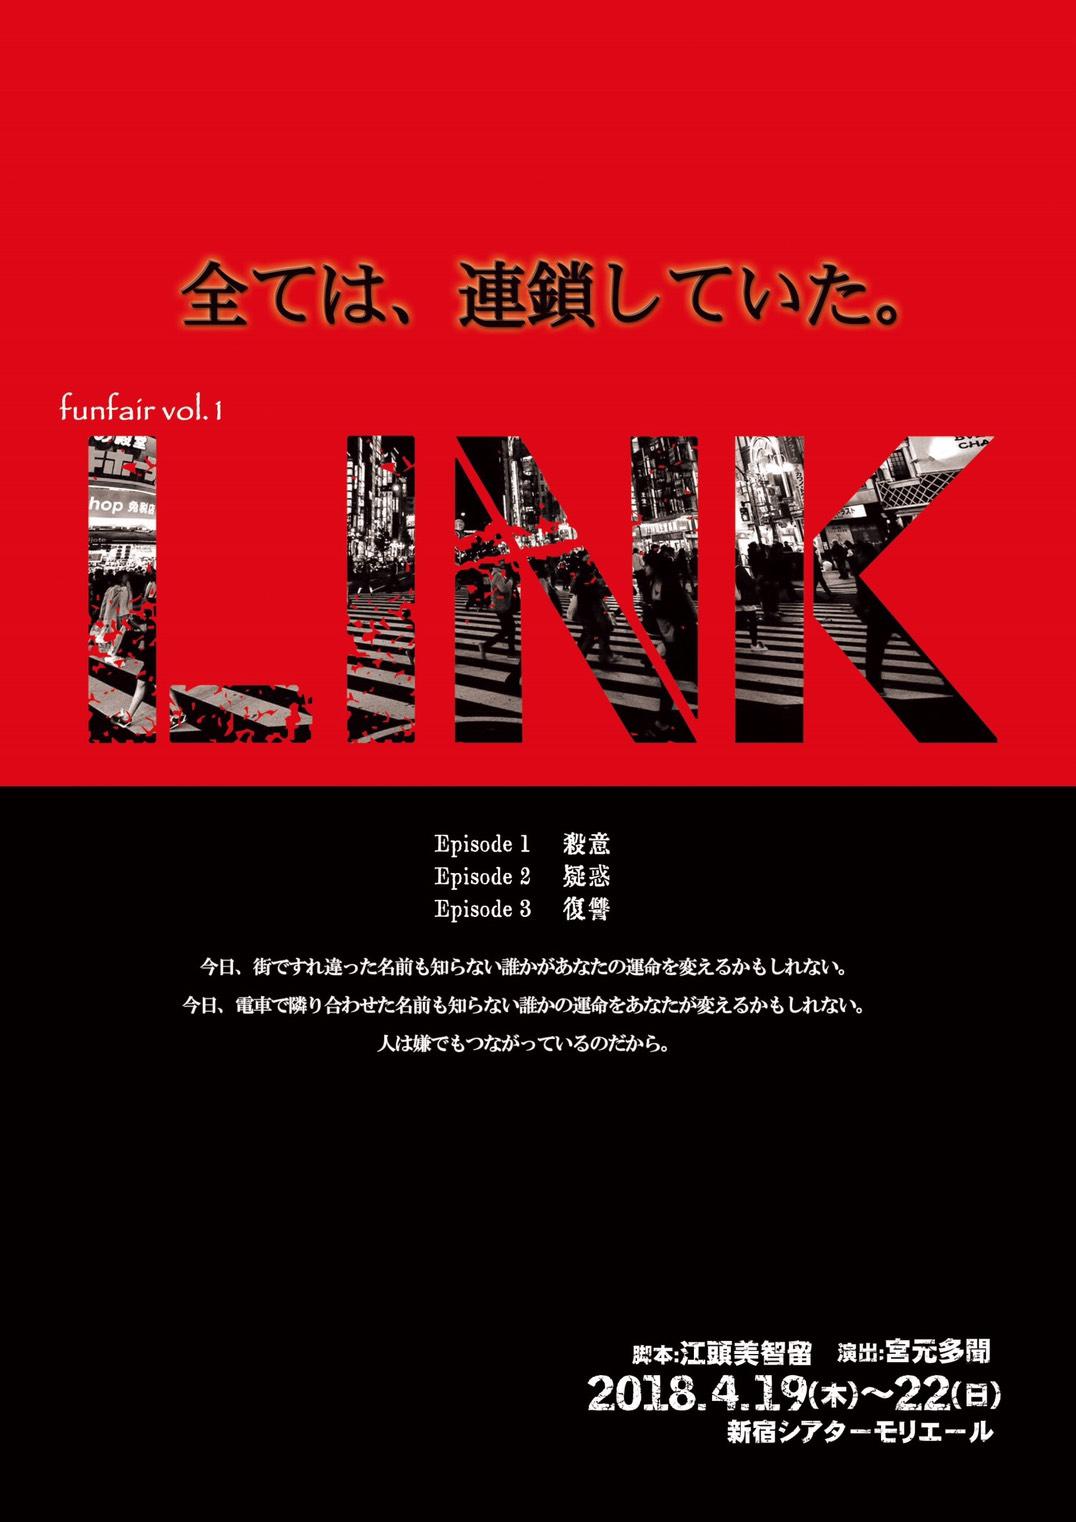 【矢原加奈子出演】funfair旗揚げ公演【LINK】